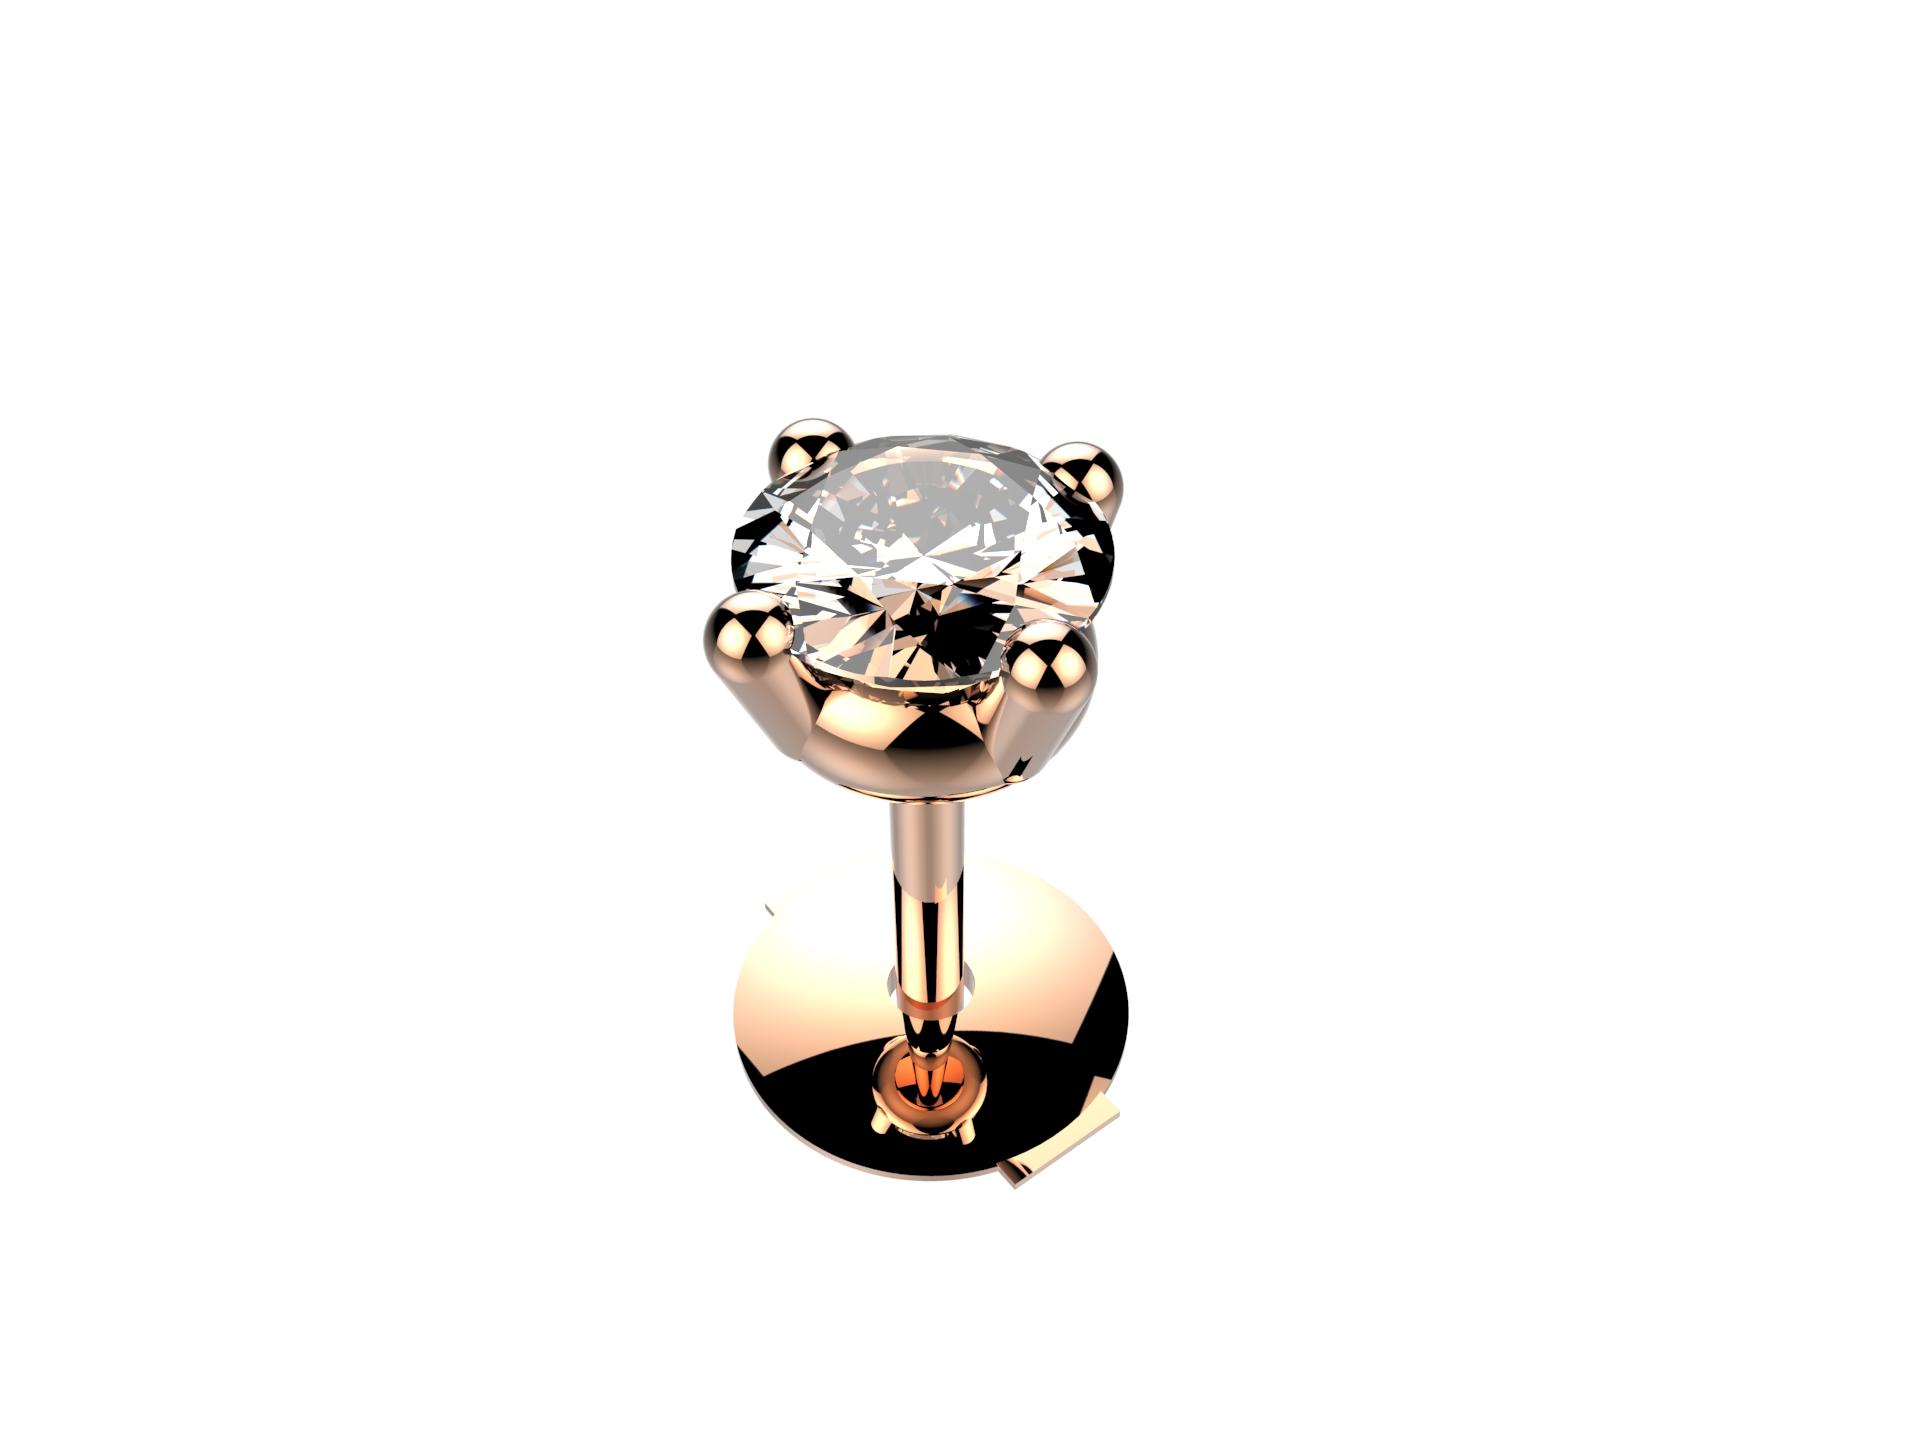 Boucle d'oreille diamant 1200 €